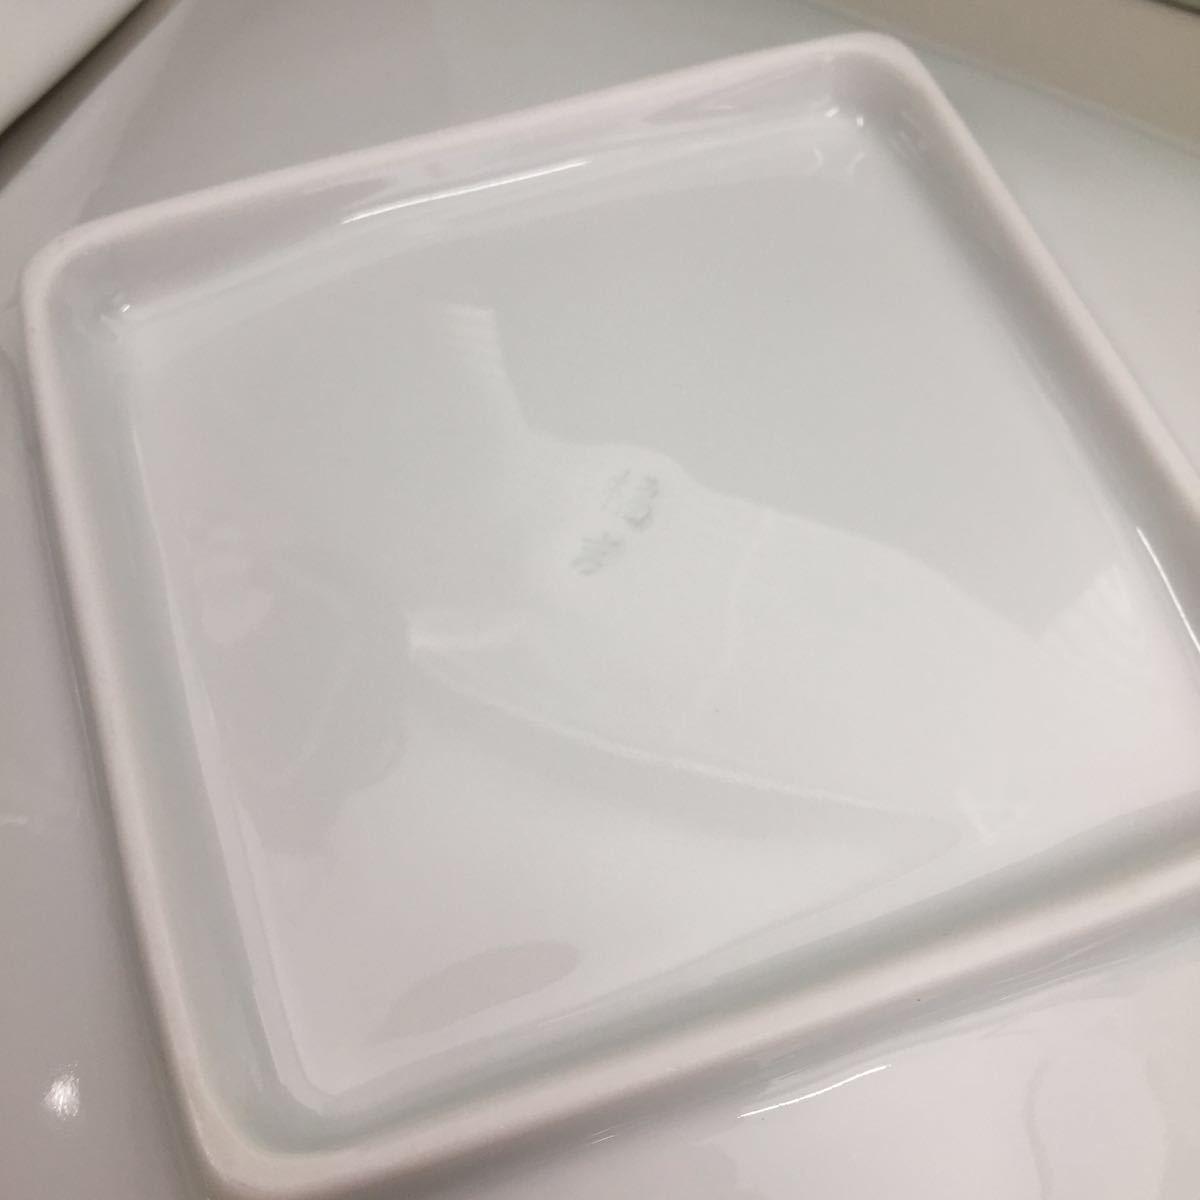 未使用 たち吉 釉 角皿 銘々皿 取り分け揃 箱入り 橘吉 和食器 小皿 自己保管_画像9